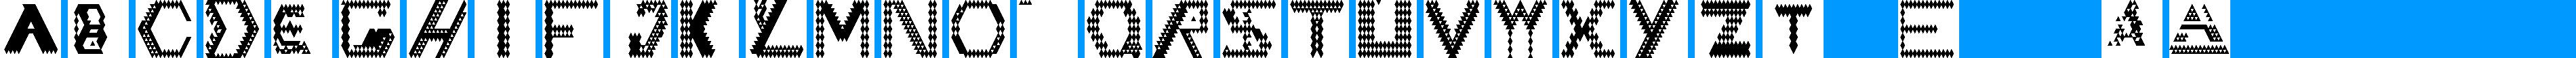 Particip-a-type v.194